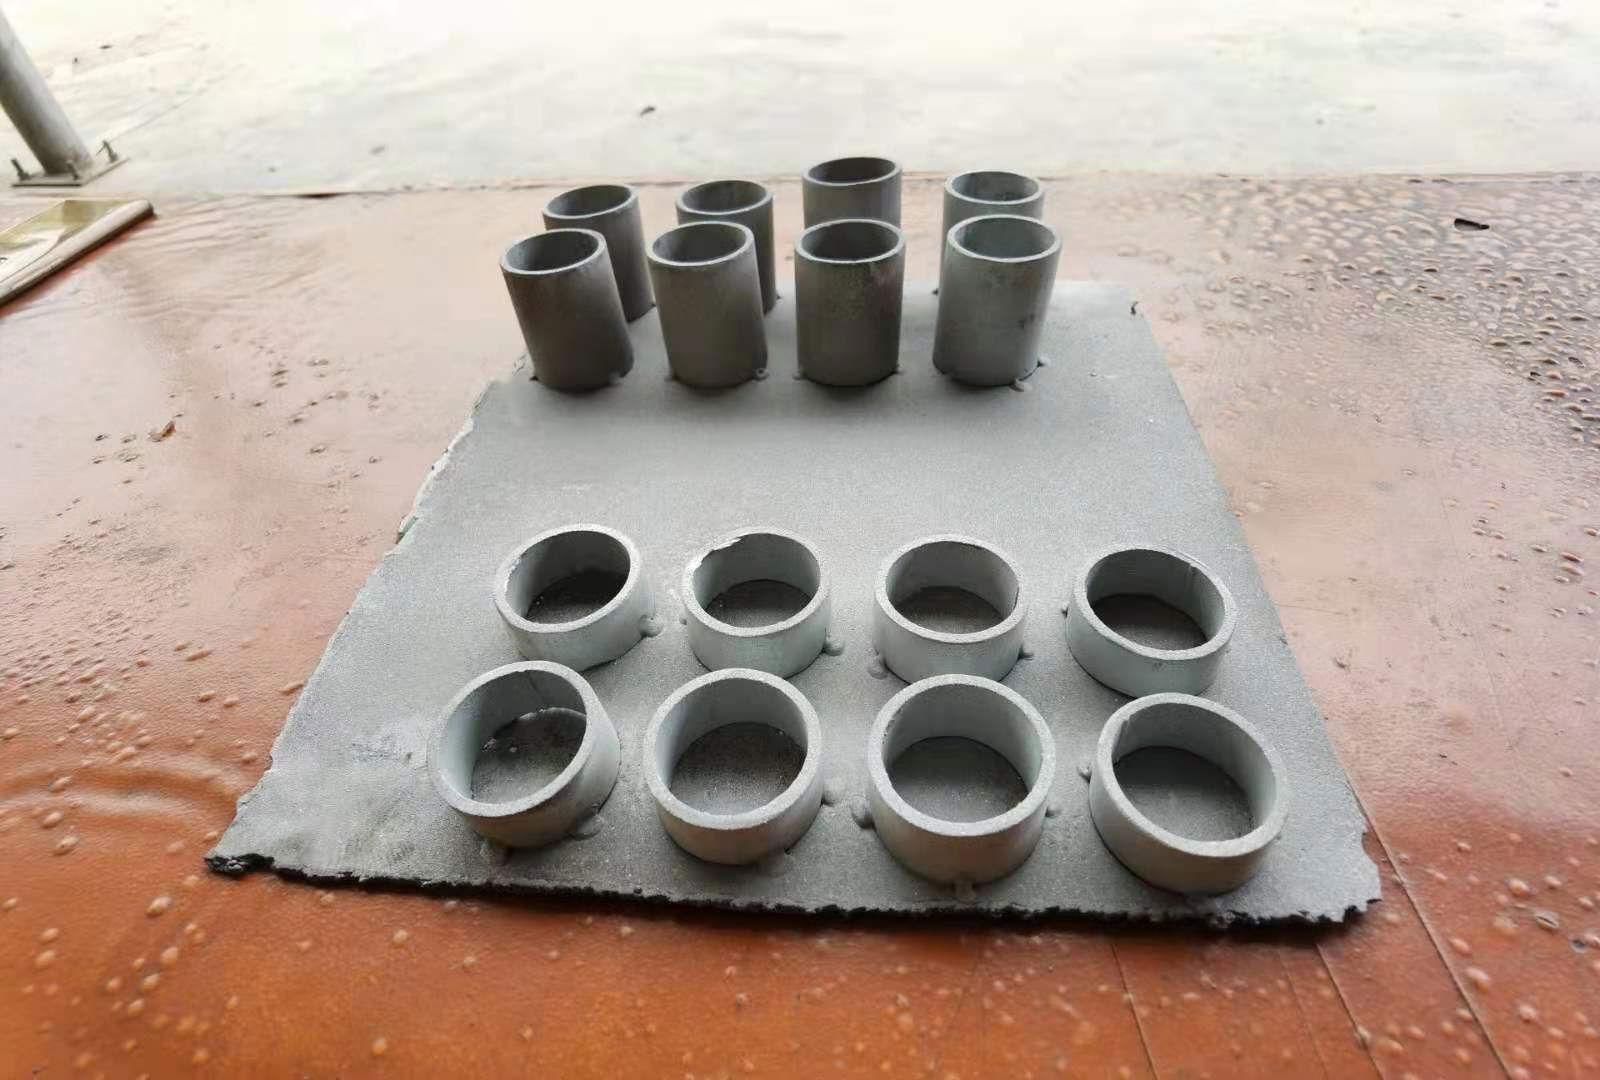 氧化铝行业I效蒸发器防磨蚀防腐蚀涂层防护融基最新技术方案